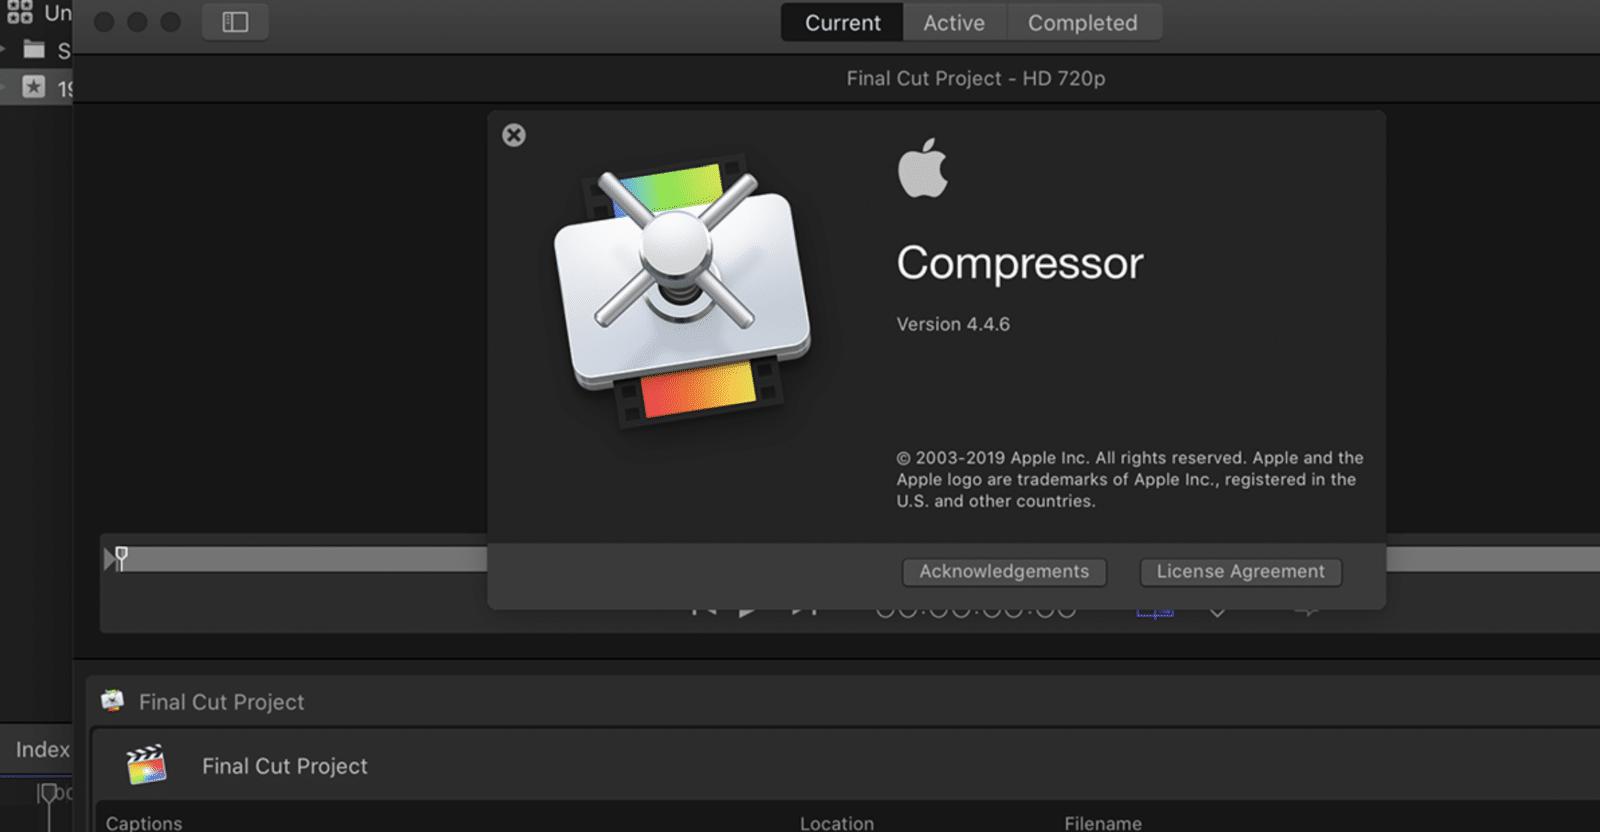 รู้จักกับ Compressor ส่วนเสริมสำหรับ Final Cut Pro สำคัญกับคนทำคอนเทนต์วิดีโออย่างไร